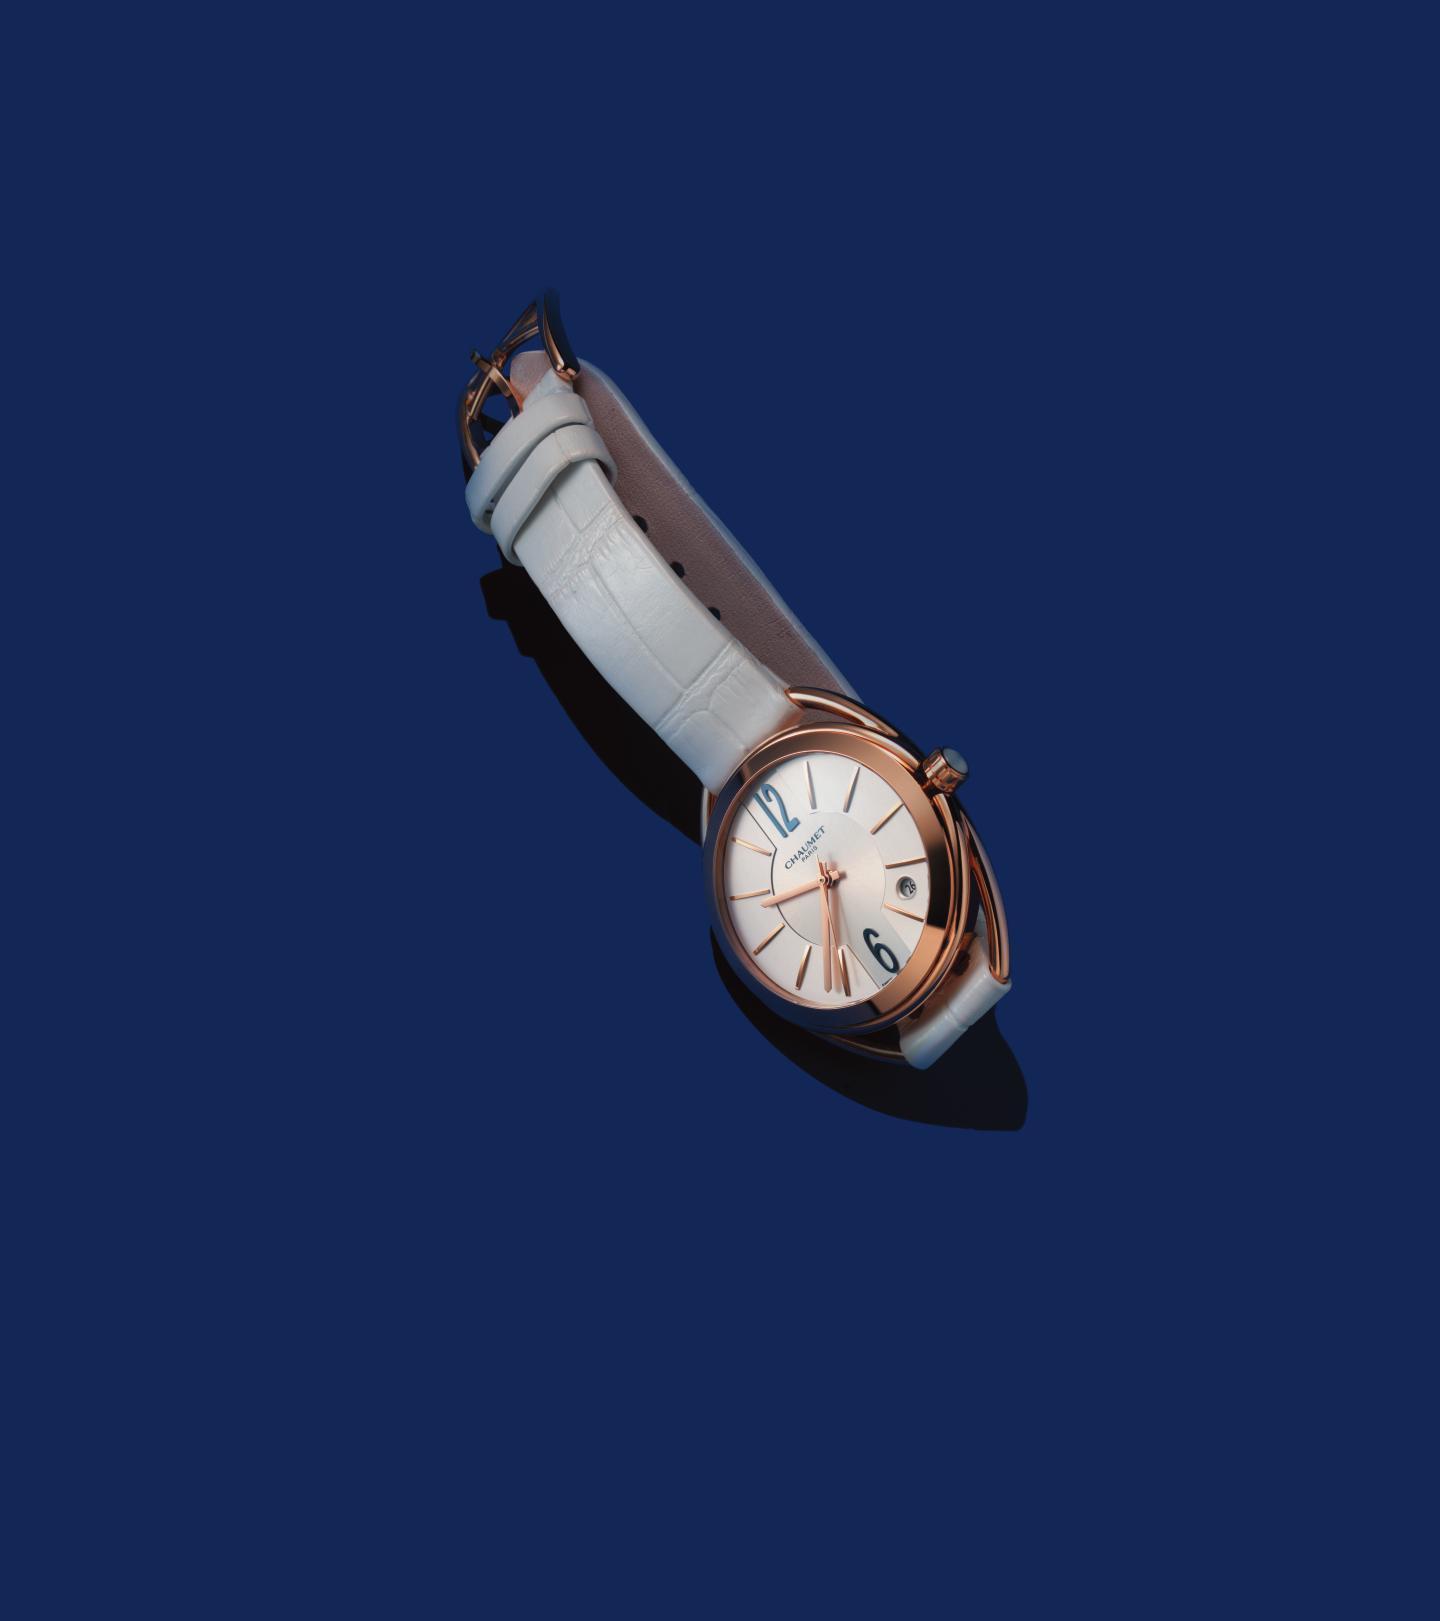 모던한 디자인의 악어가죽 스트랩 시계는 1천8백70만원으로  <strong>Chaumet</strong>